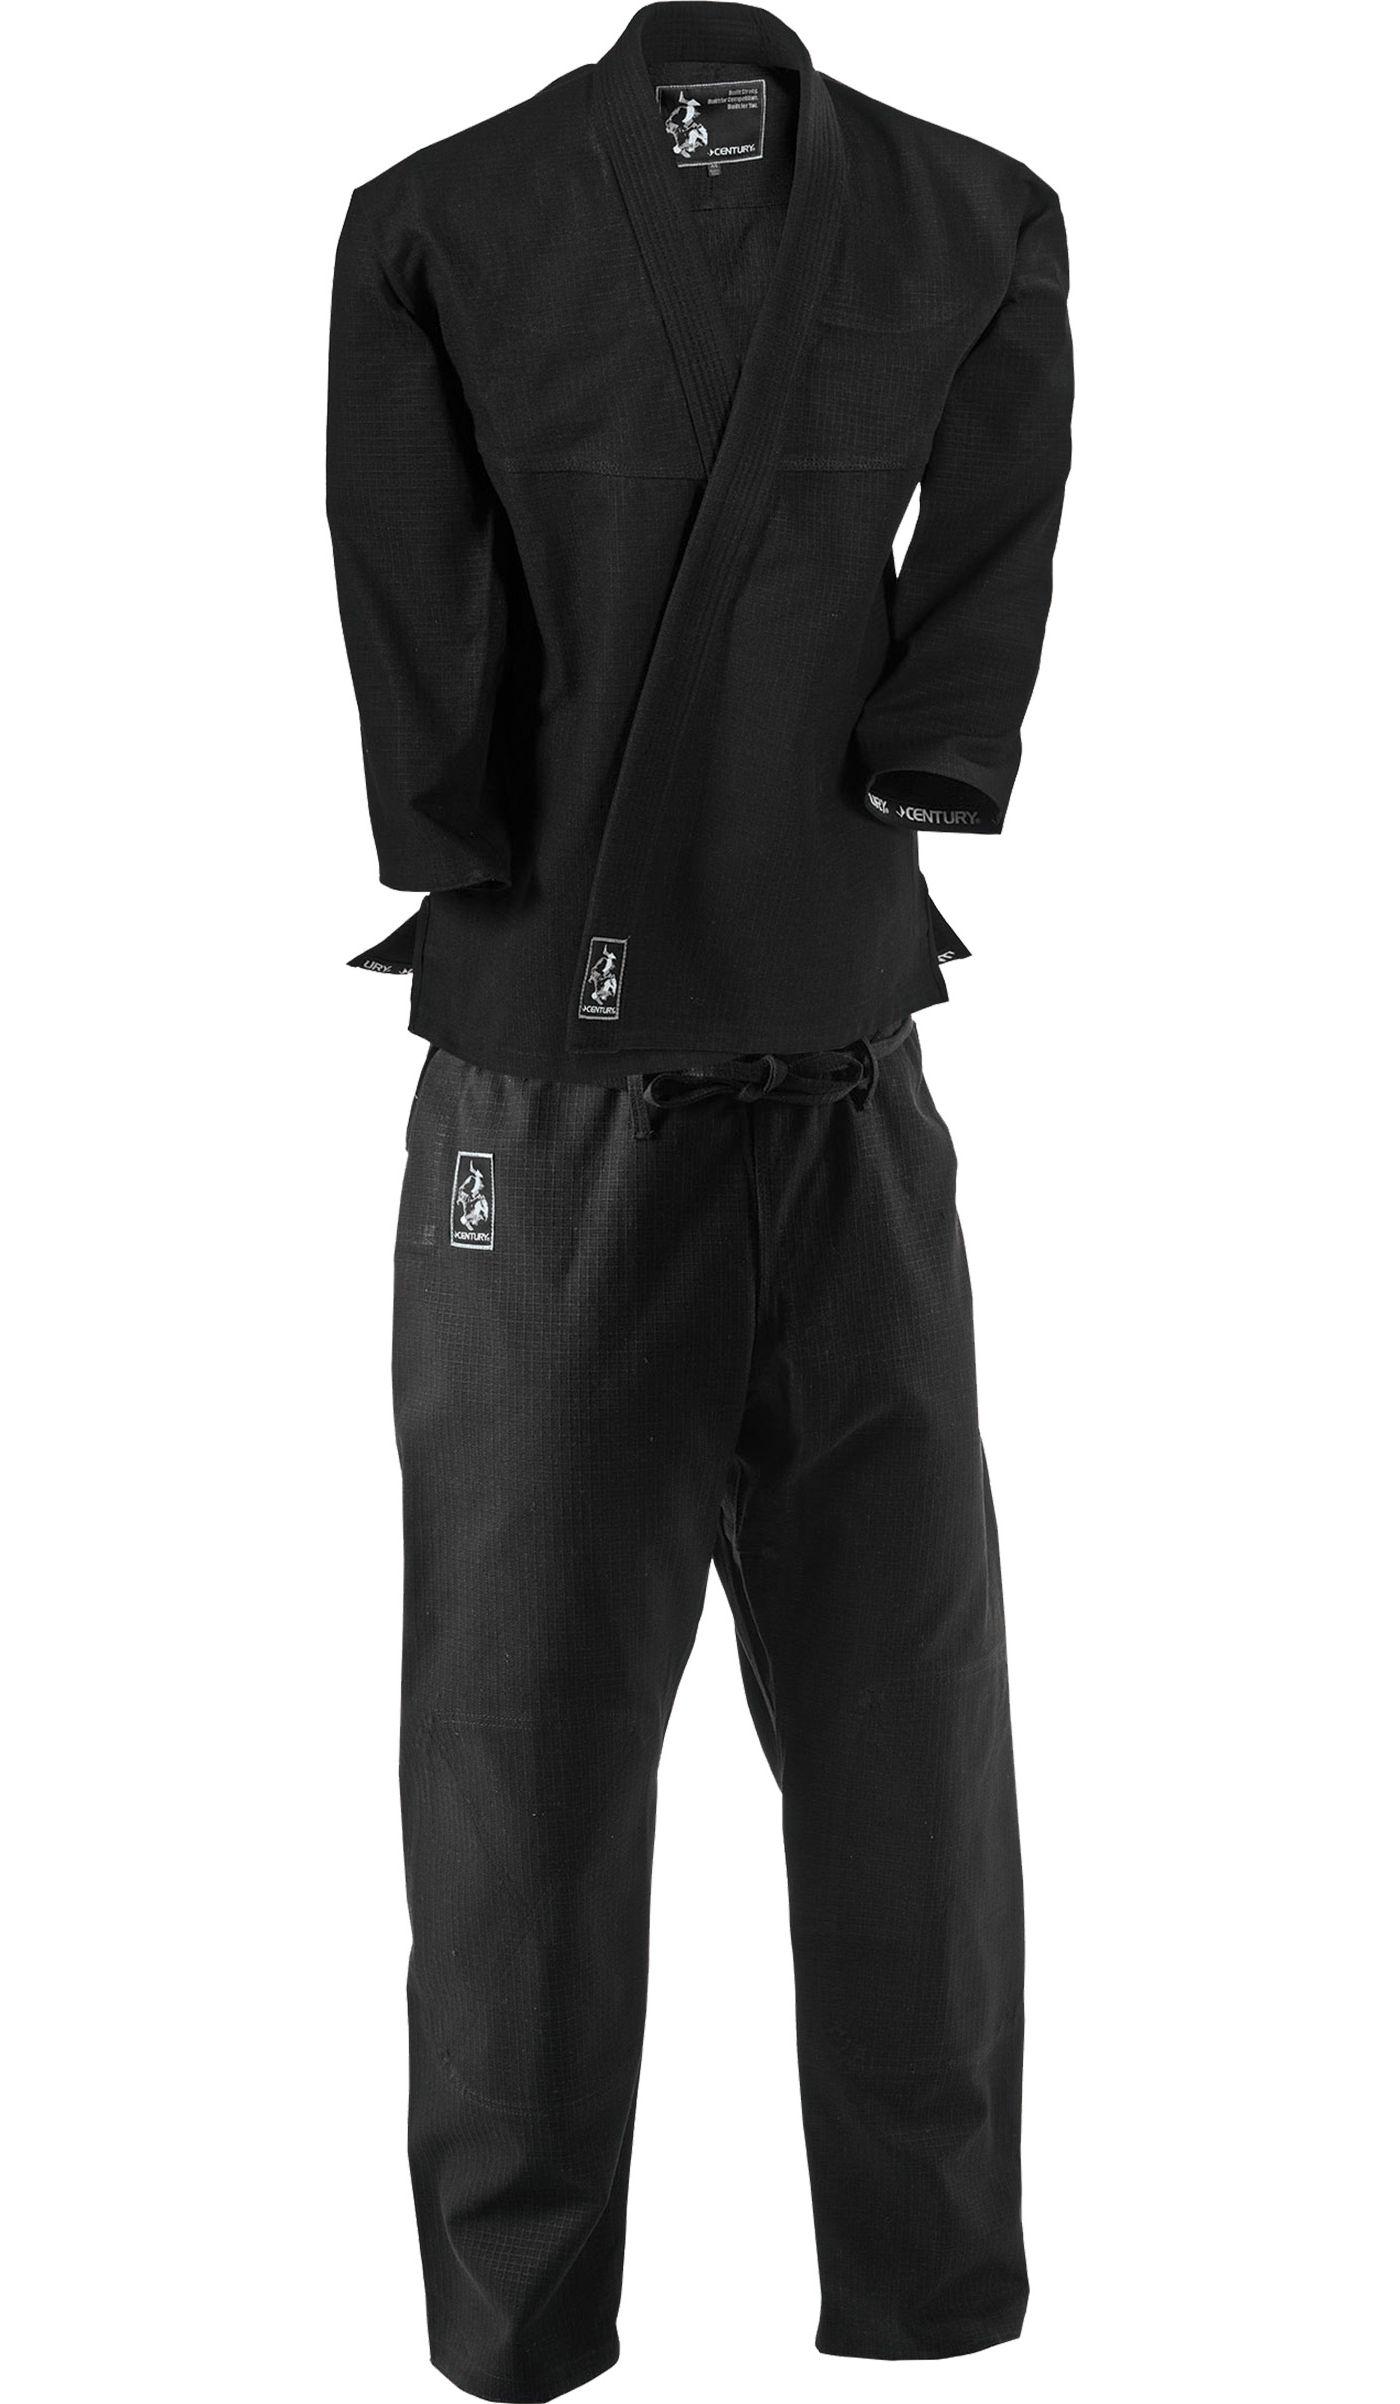 Century Adult RipStop 420 Brazilian Jiu-Jitsu Uniform